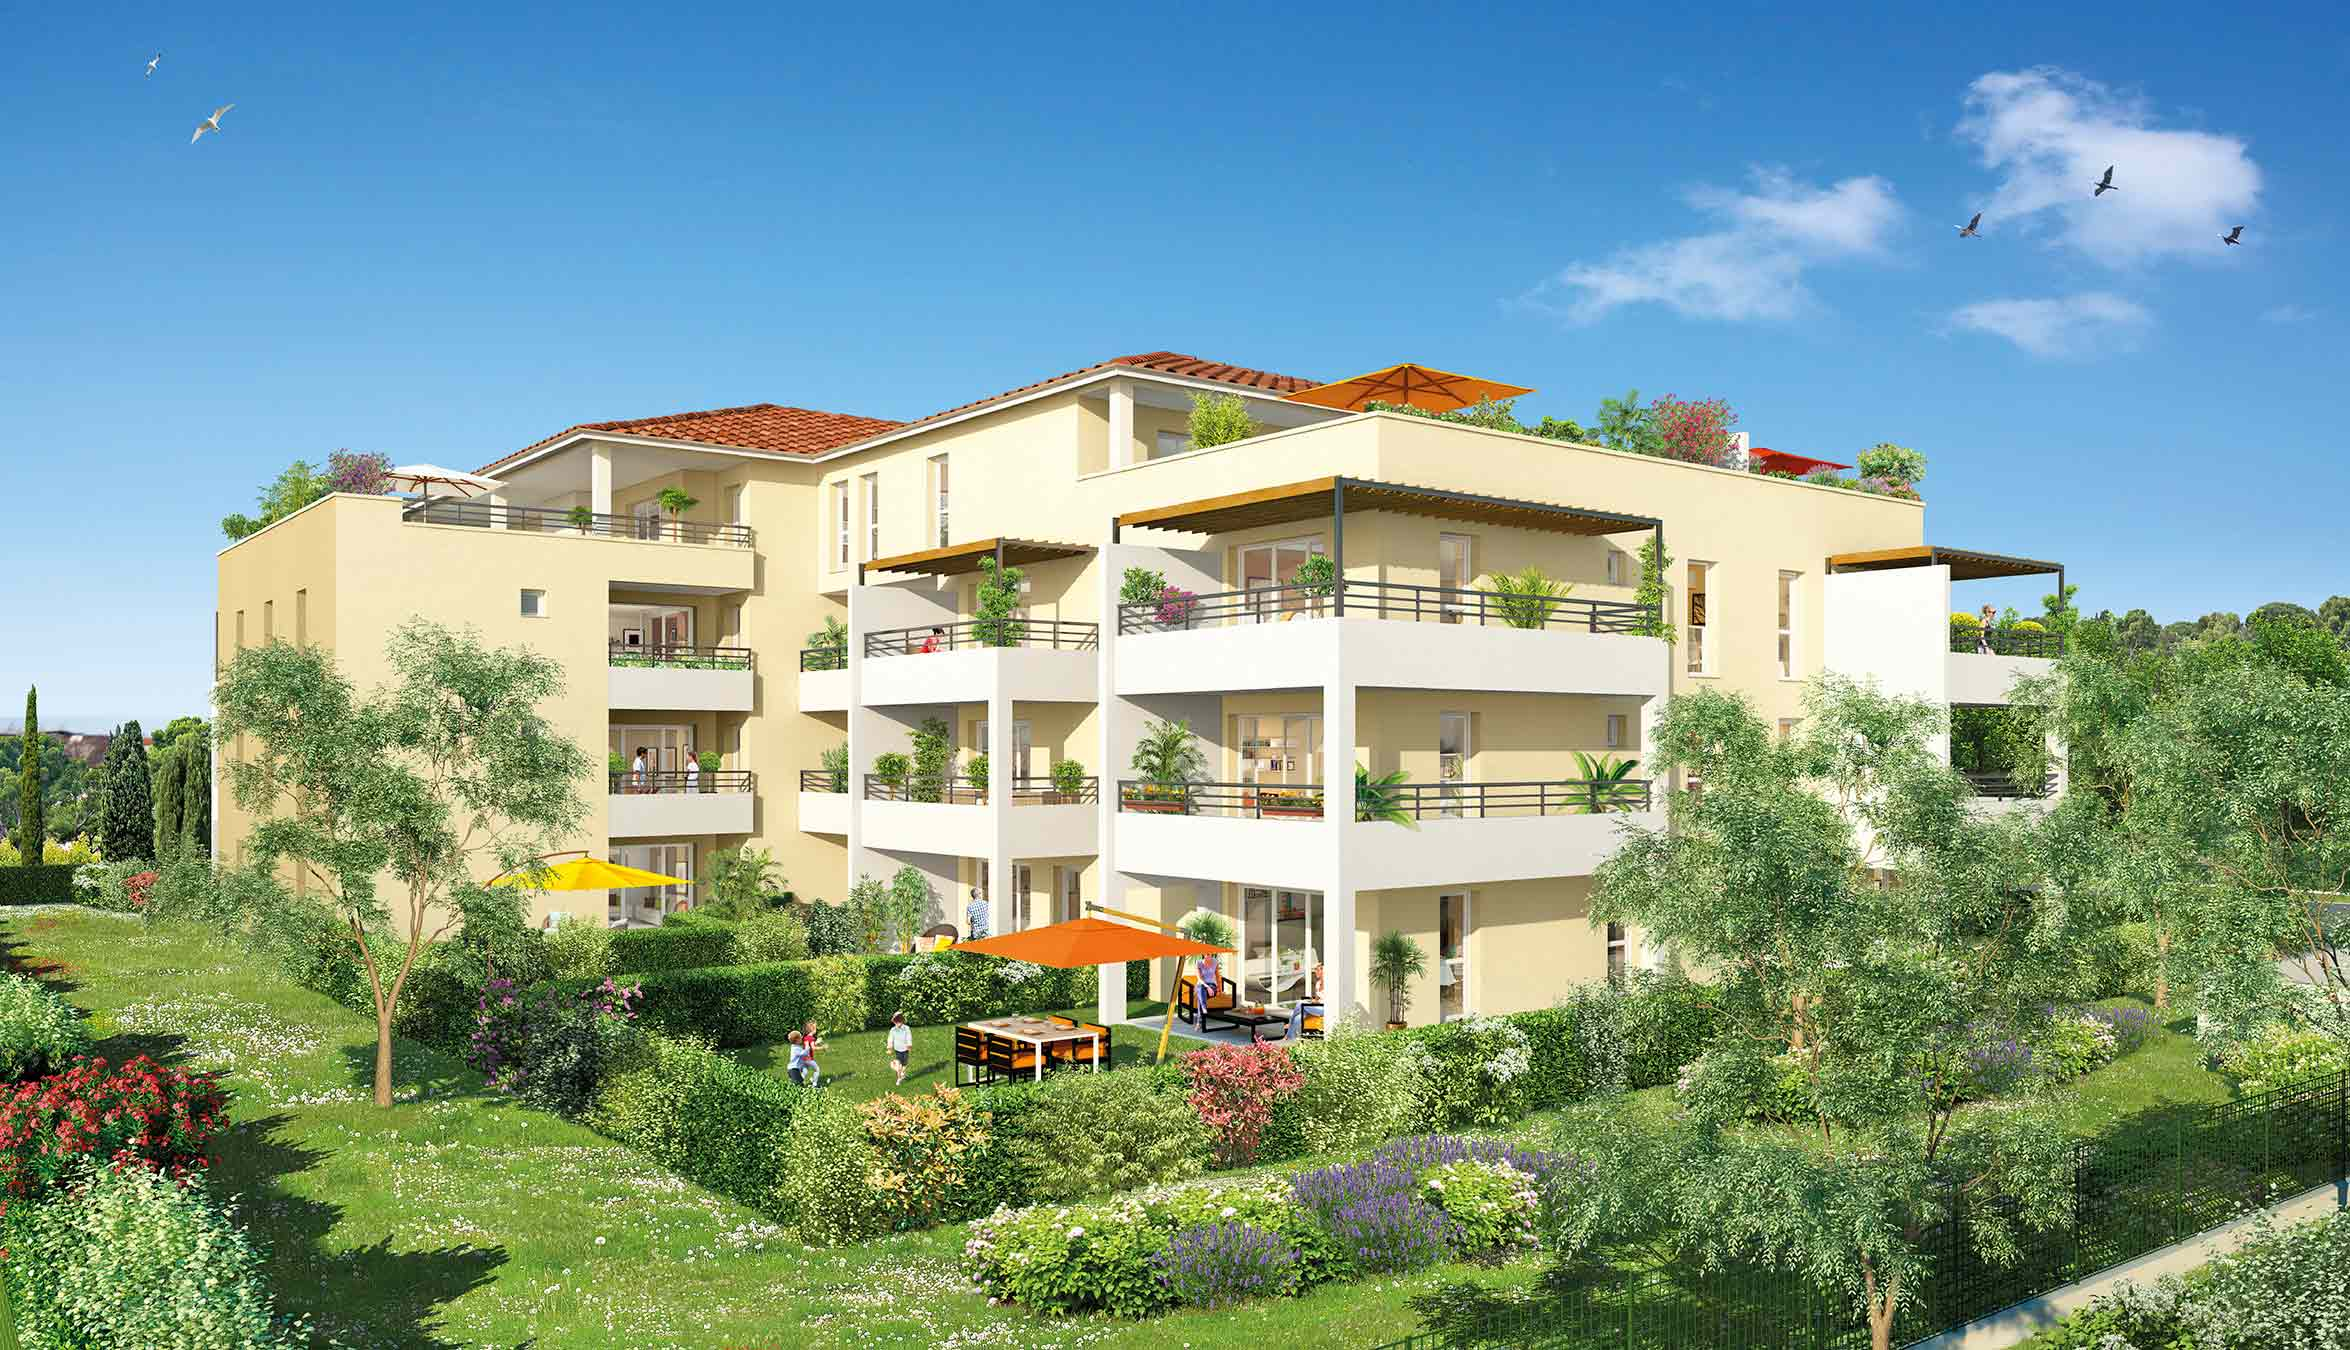 Programme immobilier neuf Sète : Investir dans un logement neuf est une garantie